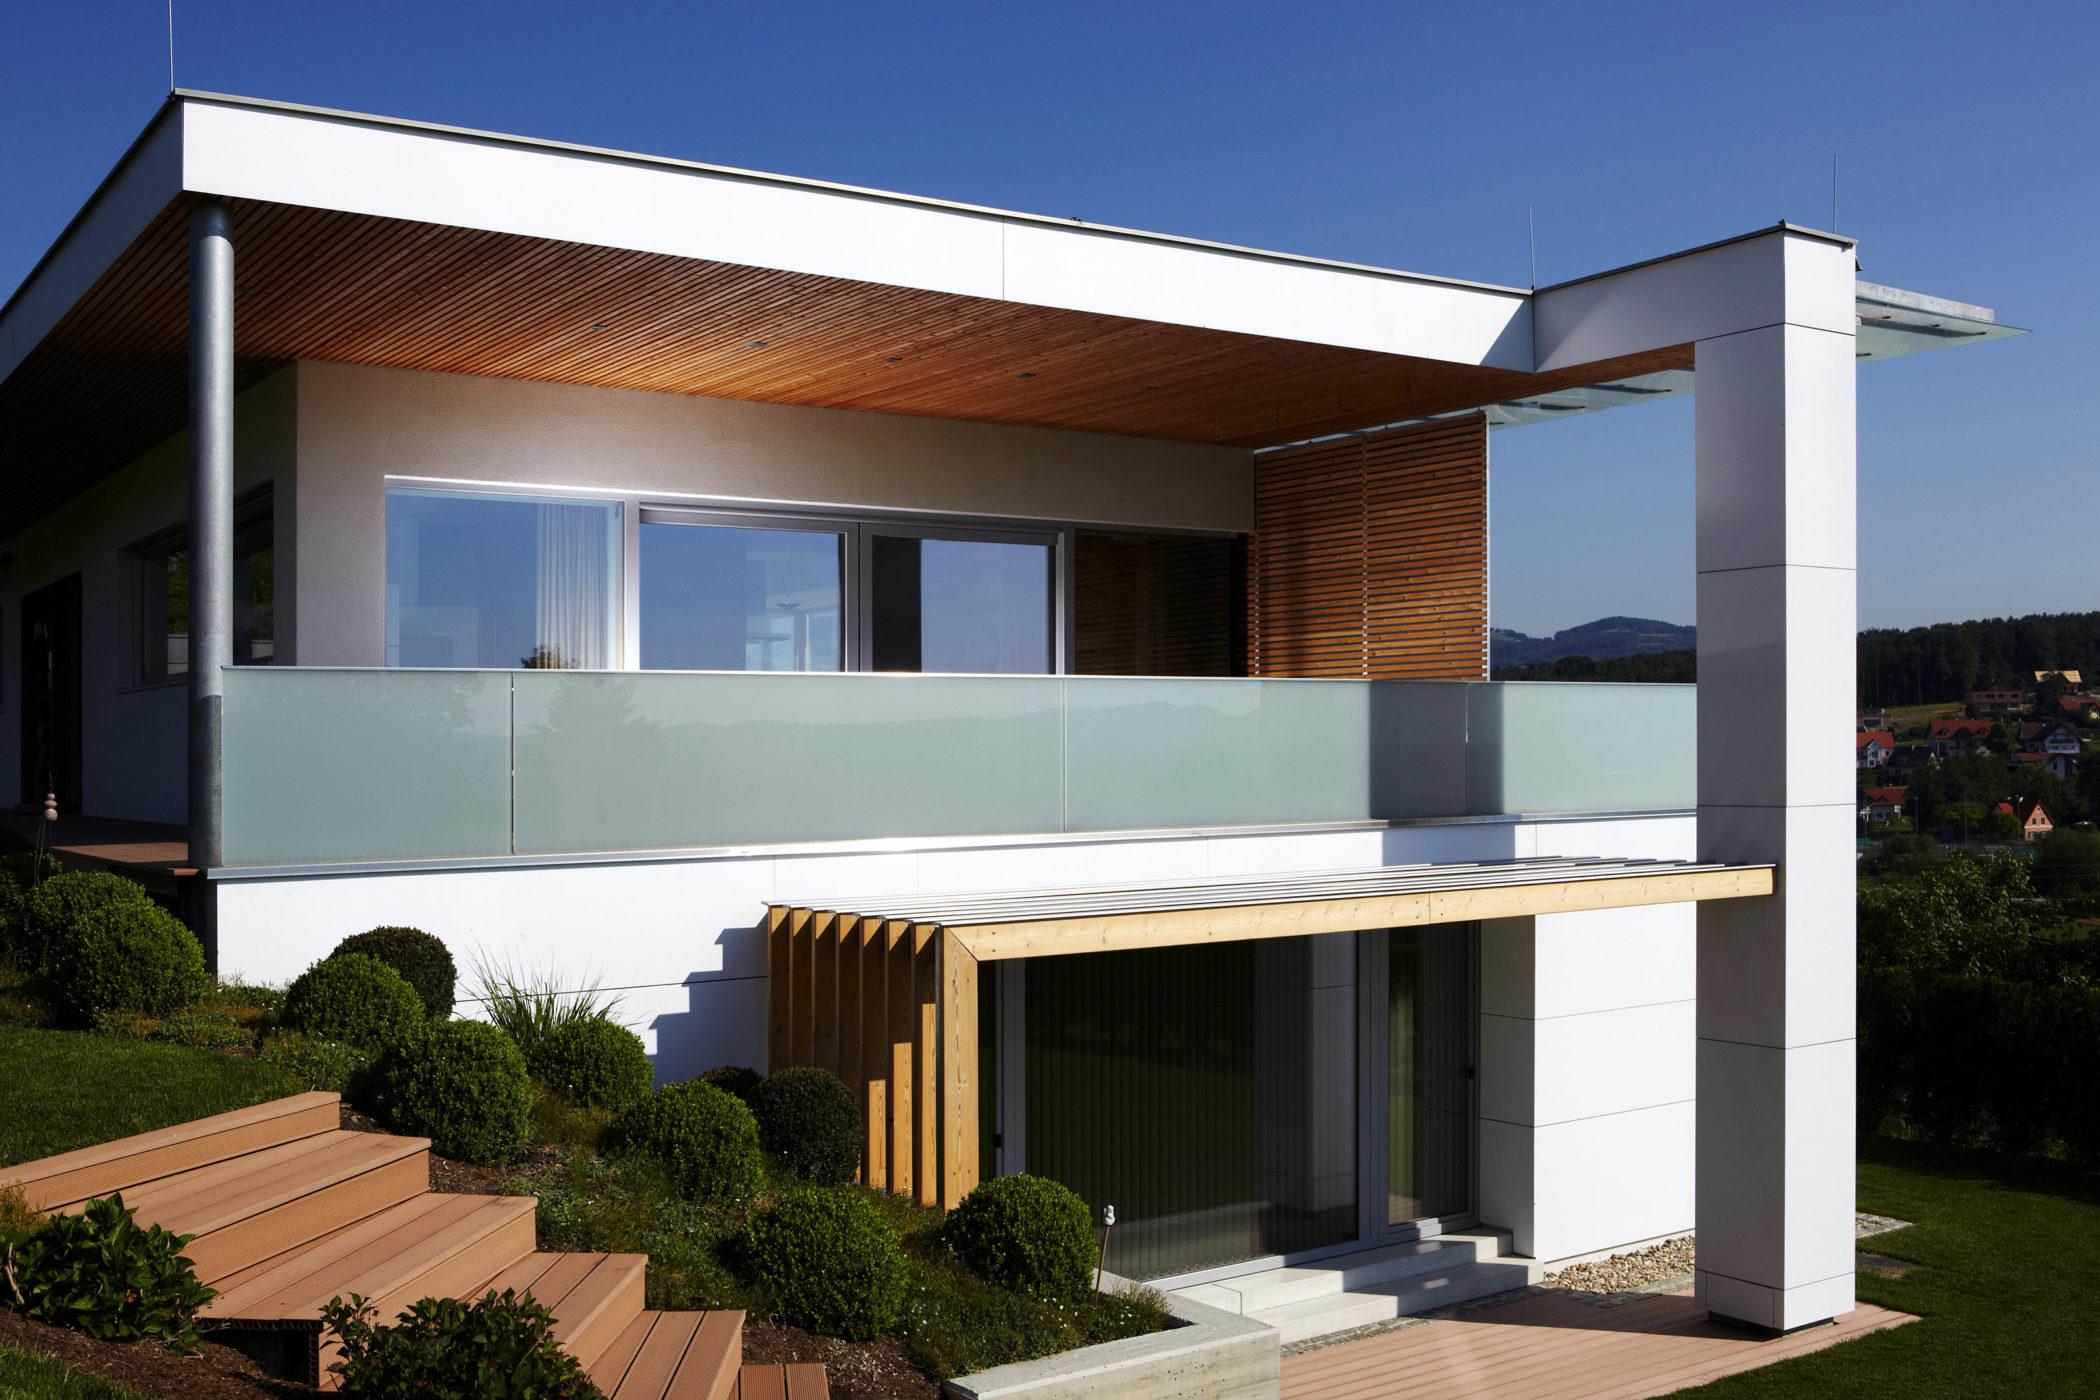 Architekturfoto, modernes Haus mit Holz